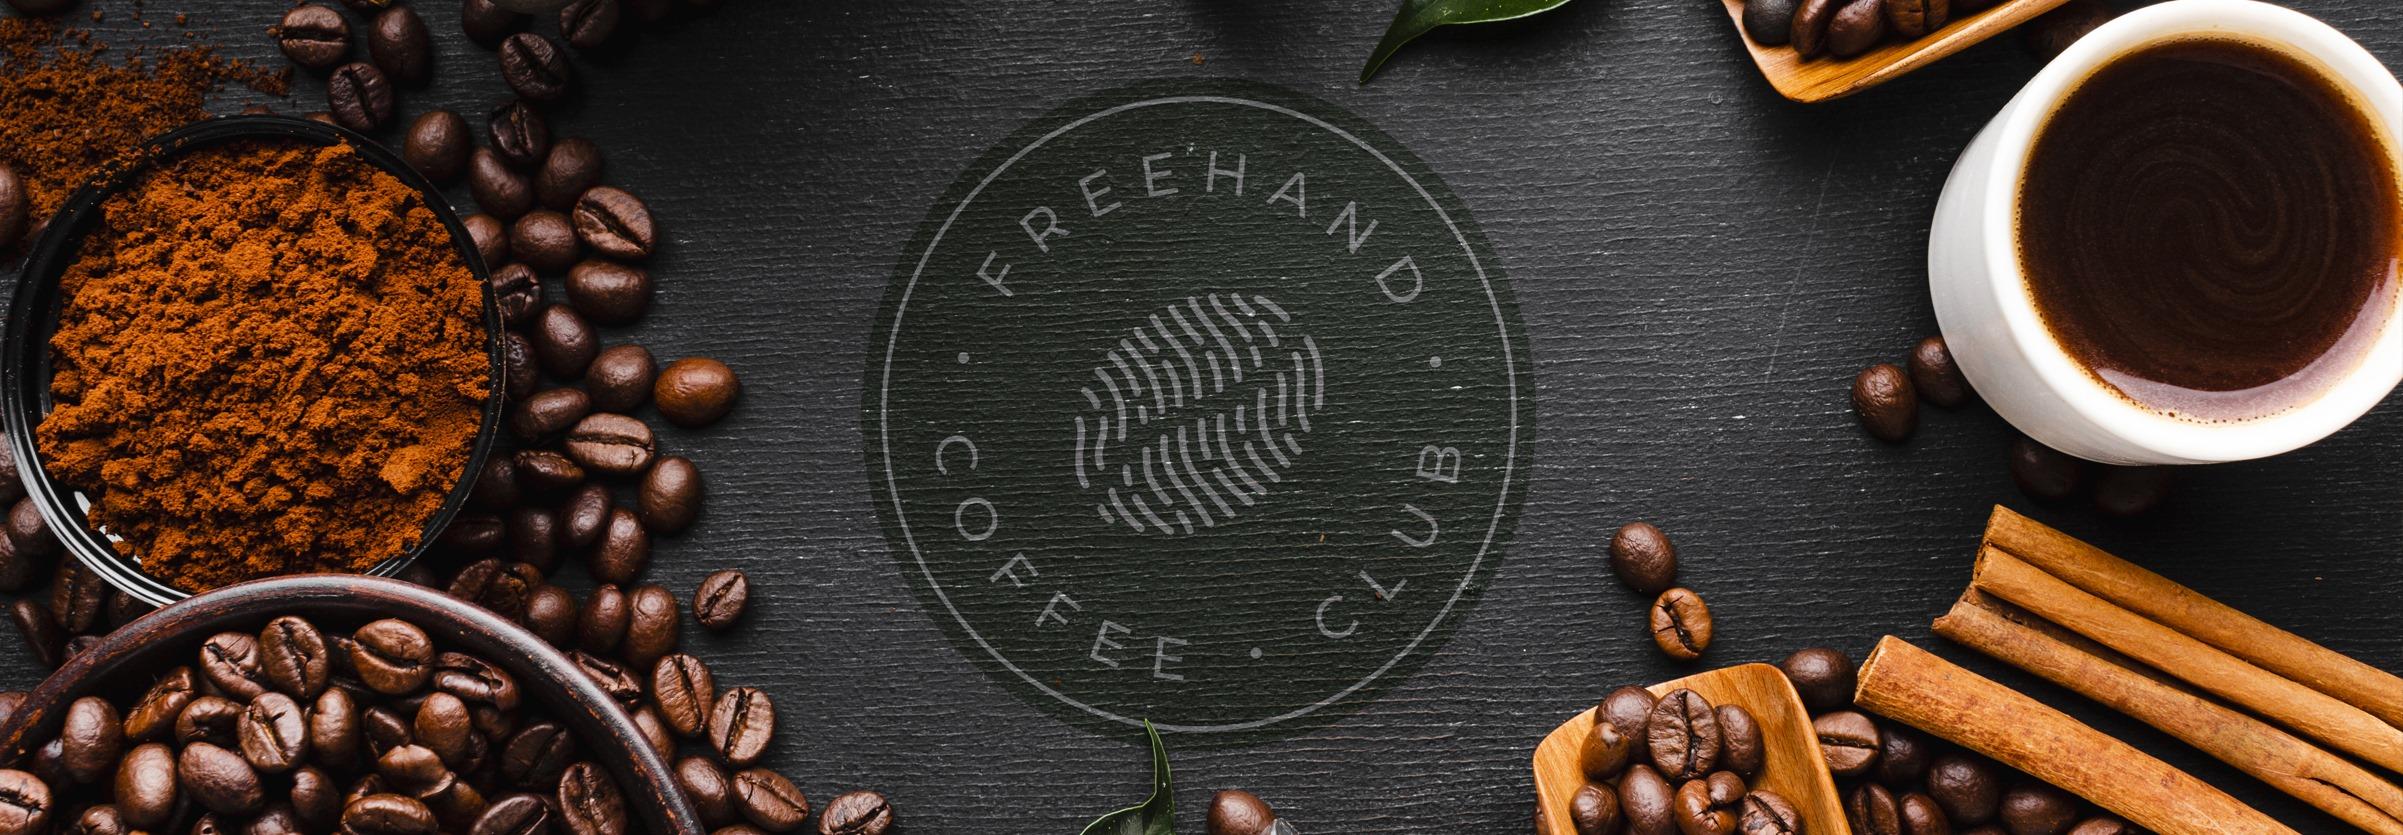 din nye leverandør af kaffe til privaten